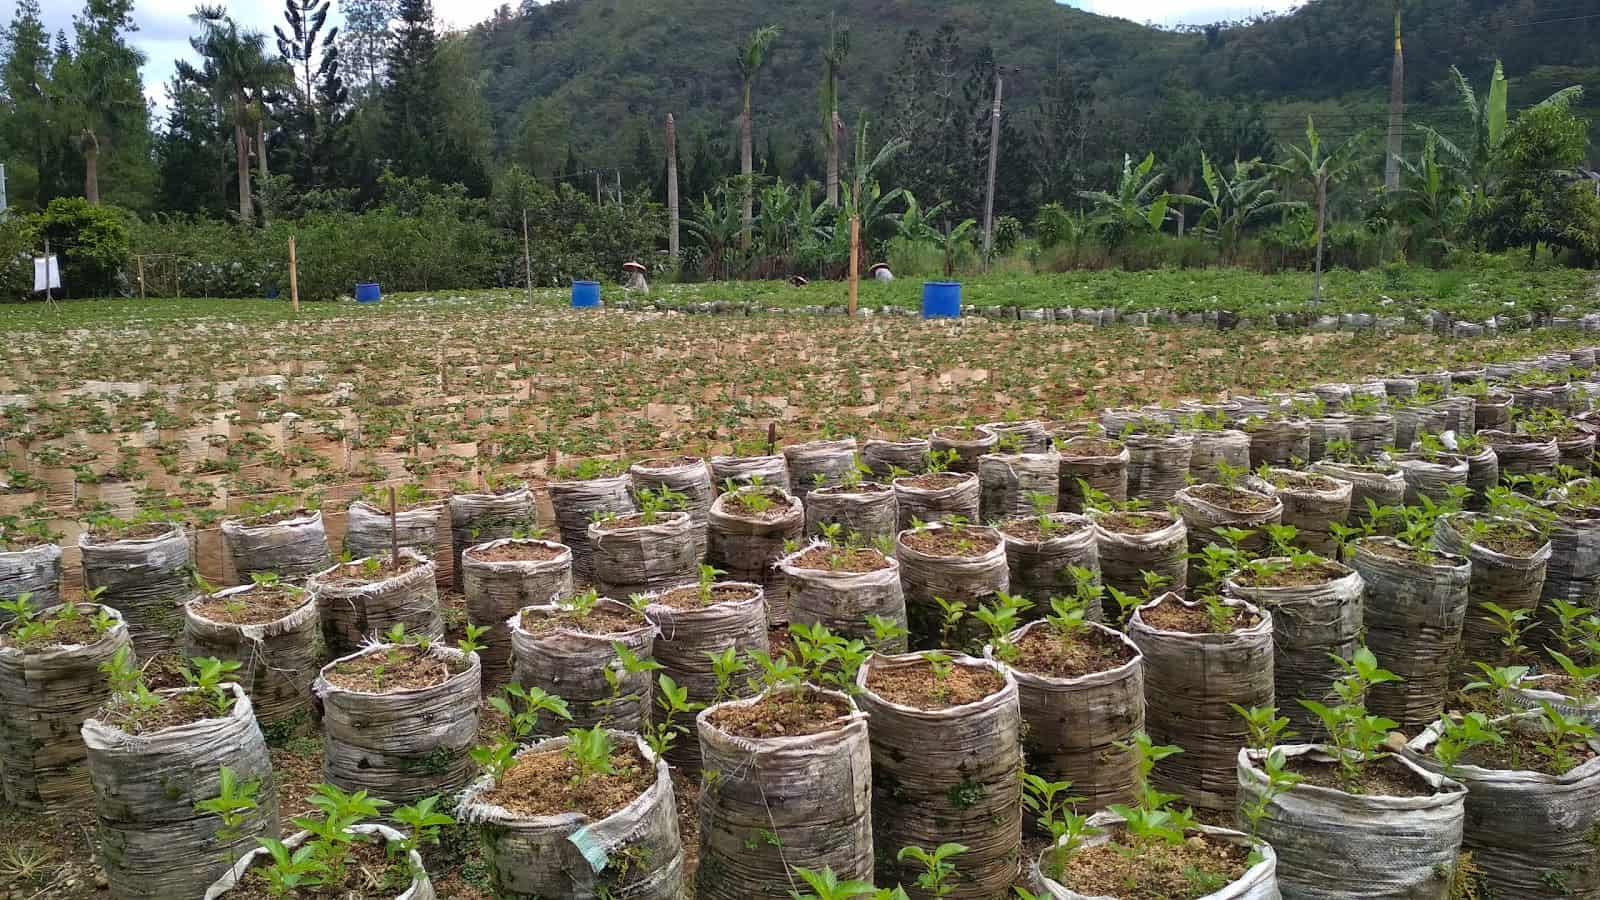 افضل 7 أنشطة عند زيارة حديقة الفراولة في بونشاك